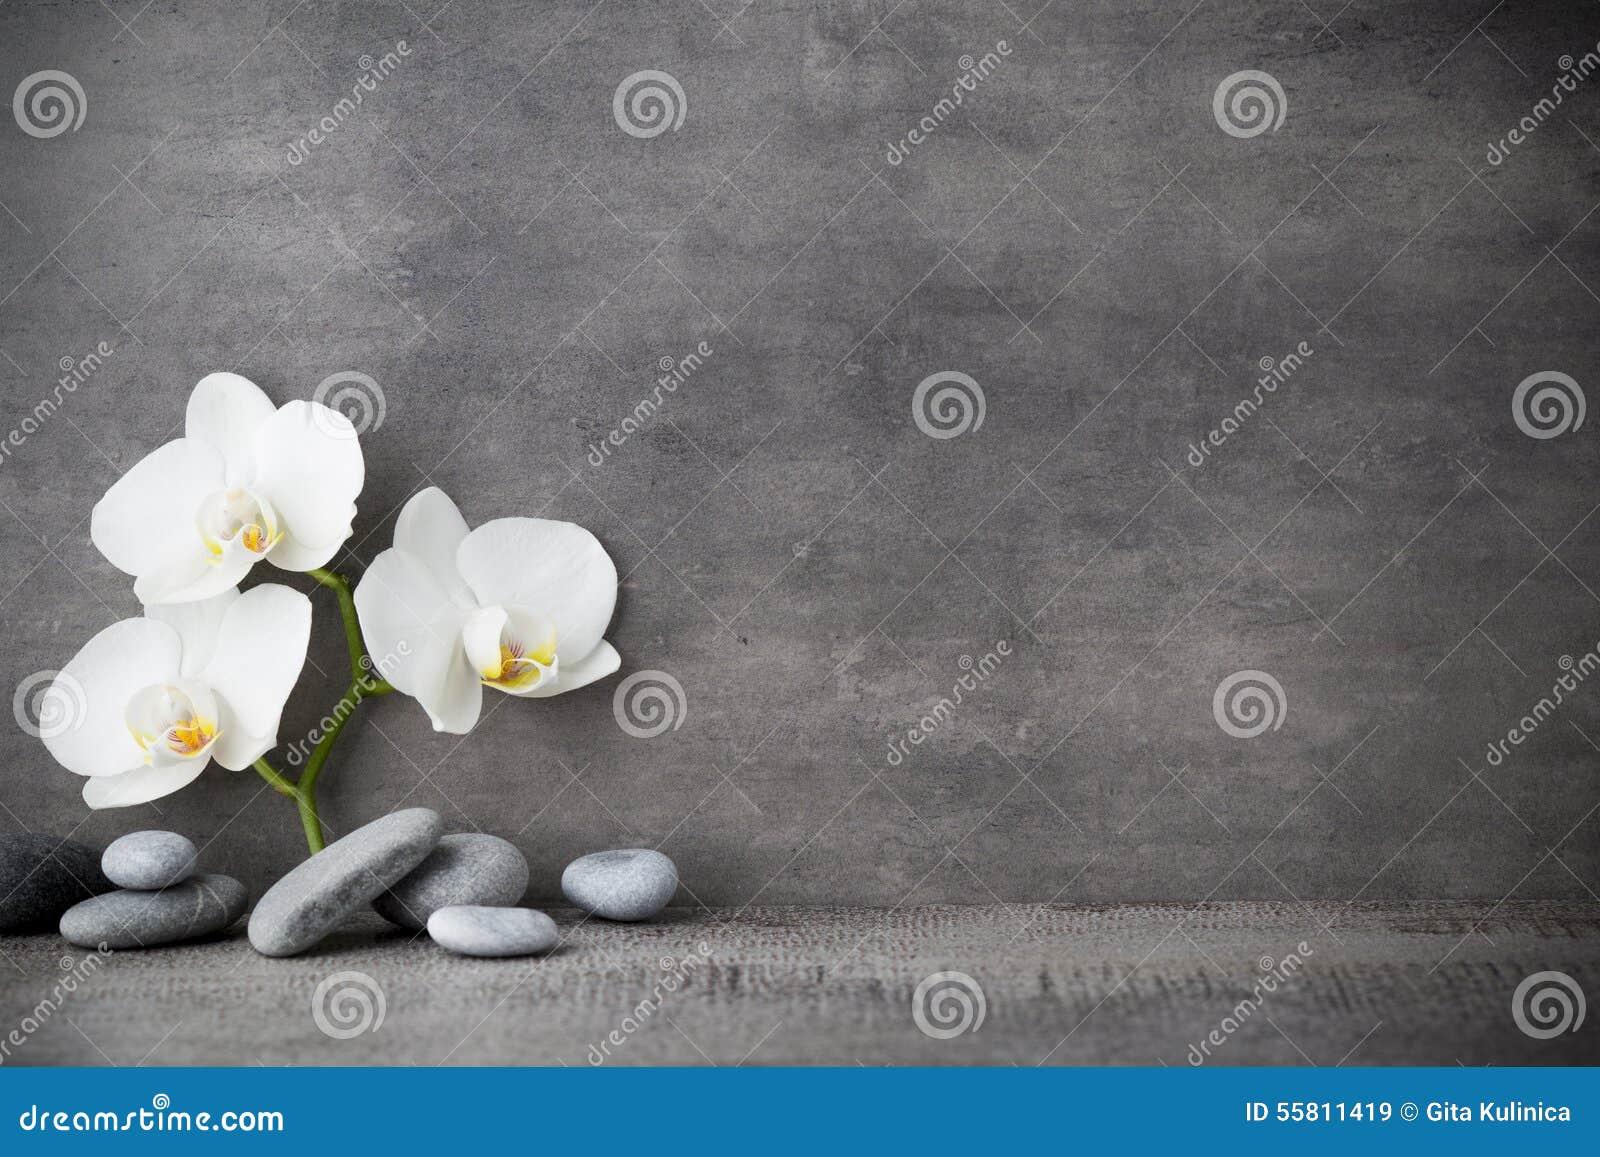 Weiße Orchideen- und Badekurortsteine auf dem grauen Hintergrund